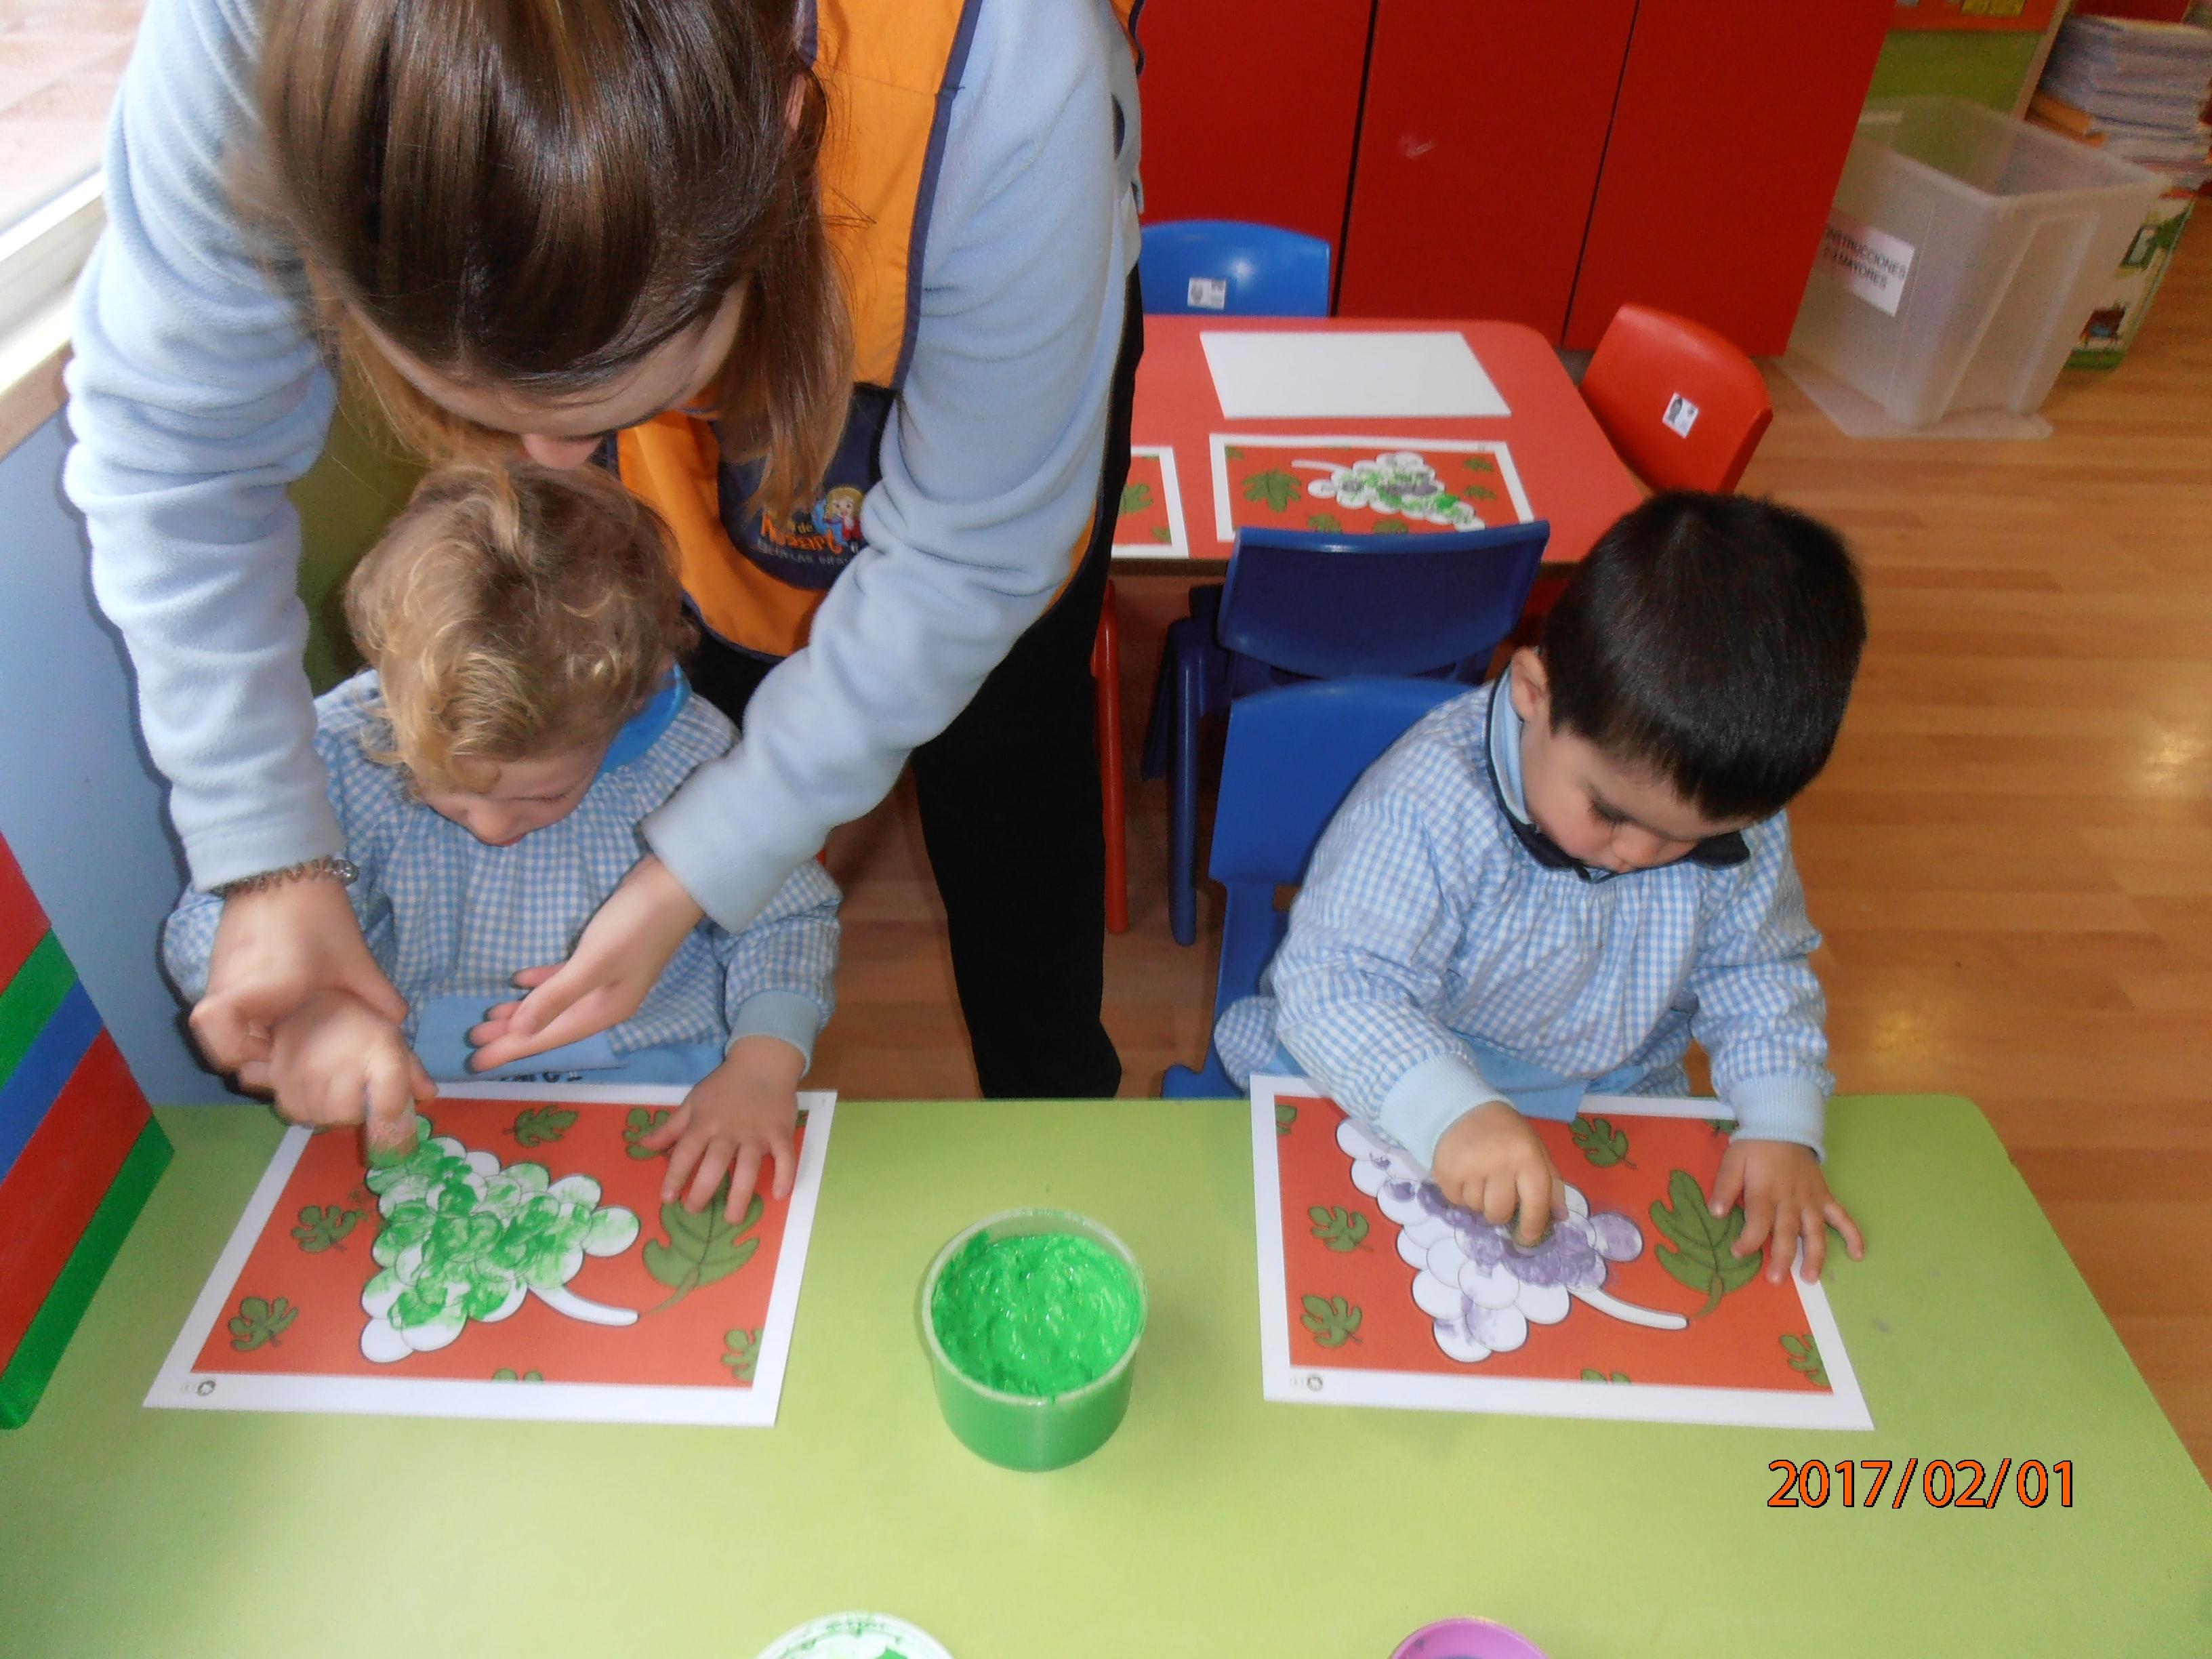 Cómo desarrollar la creatividad en los niños? - El Mundo de Mozart